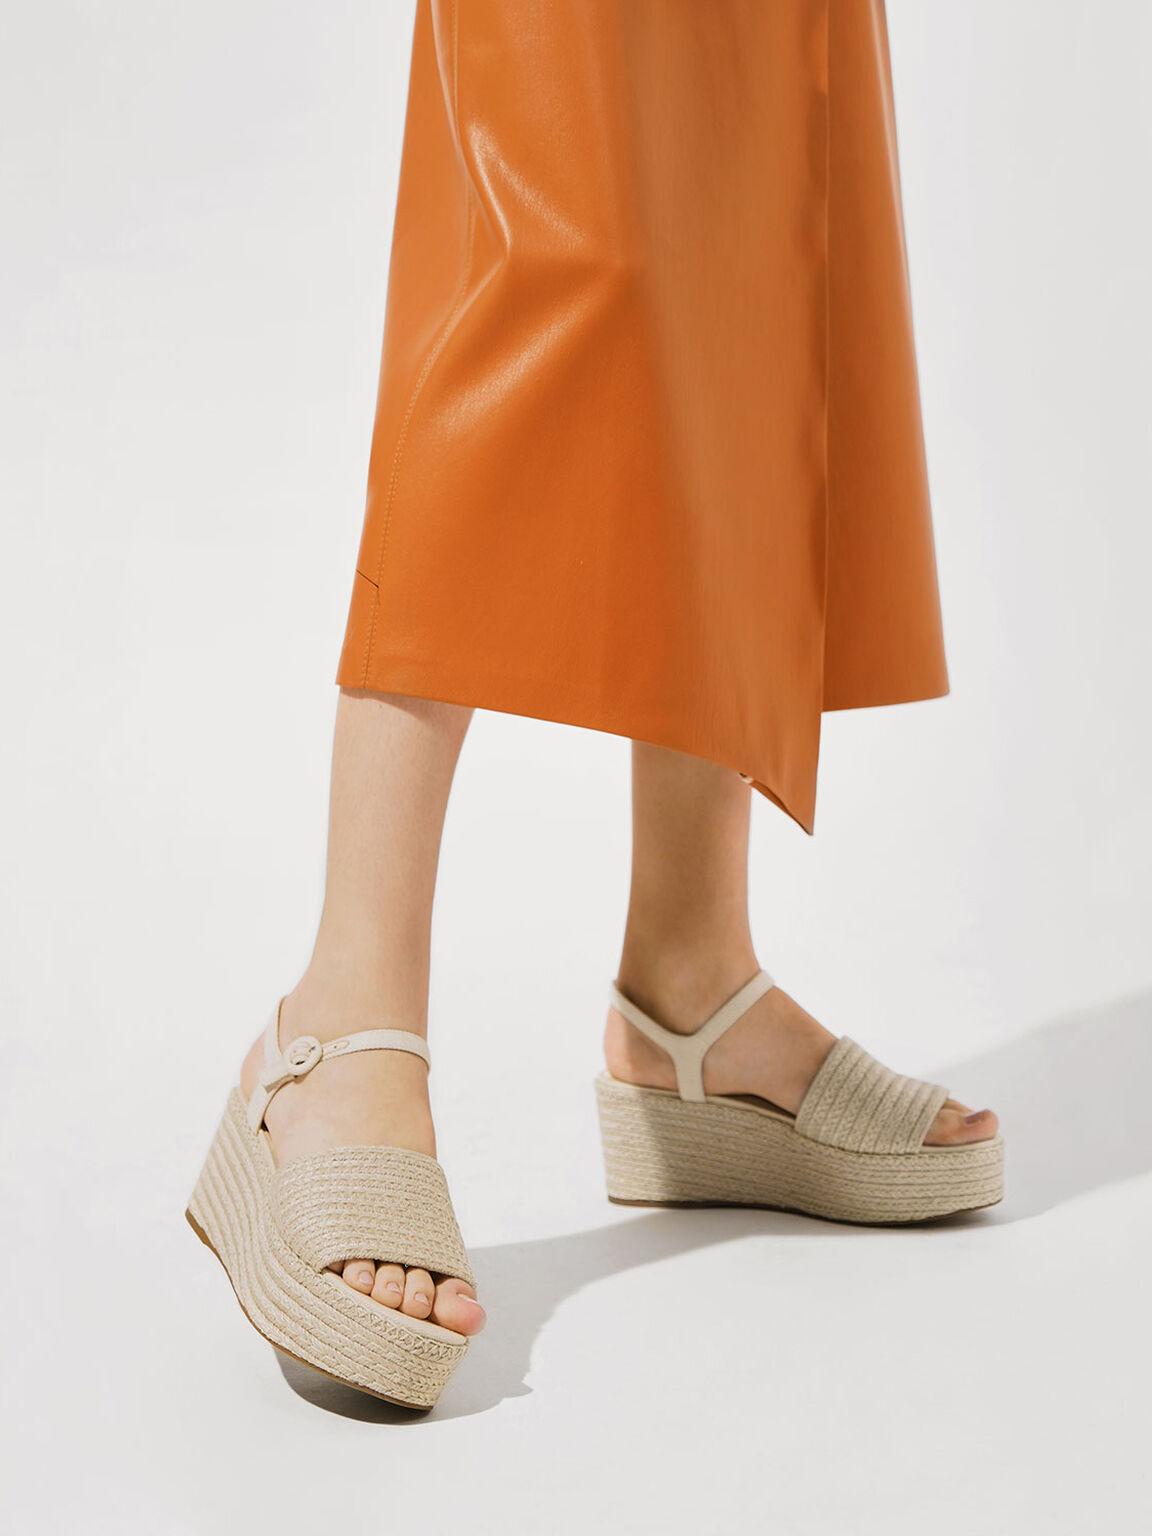 Espadrille Platform Sandals, Cream, hi-res